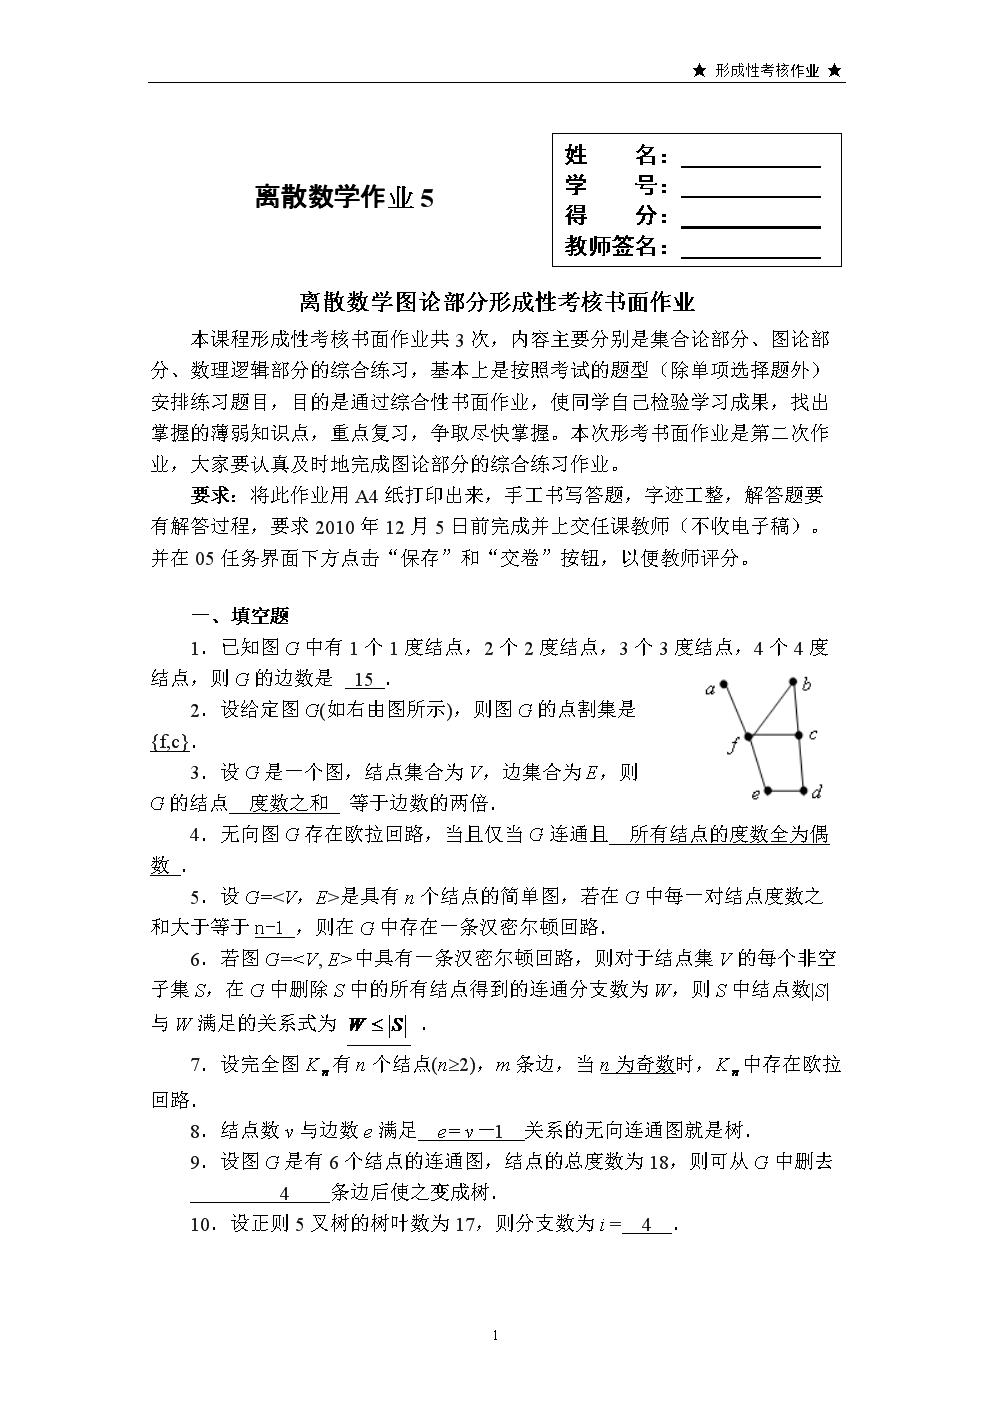 离散数学总结_2016离散数学形成性考核报告作业题及答案.doc